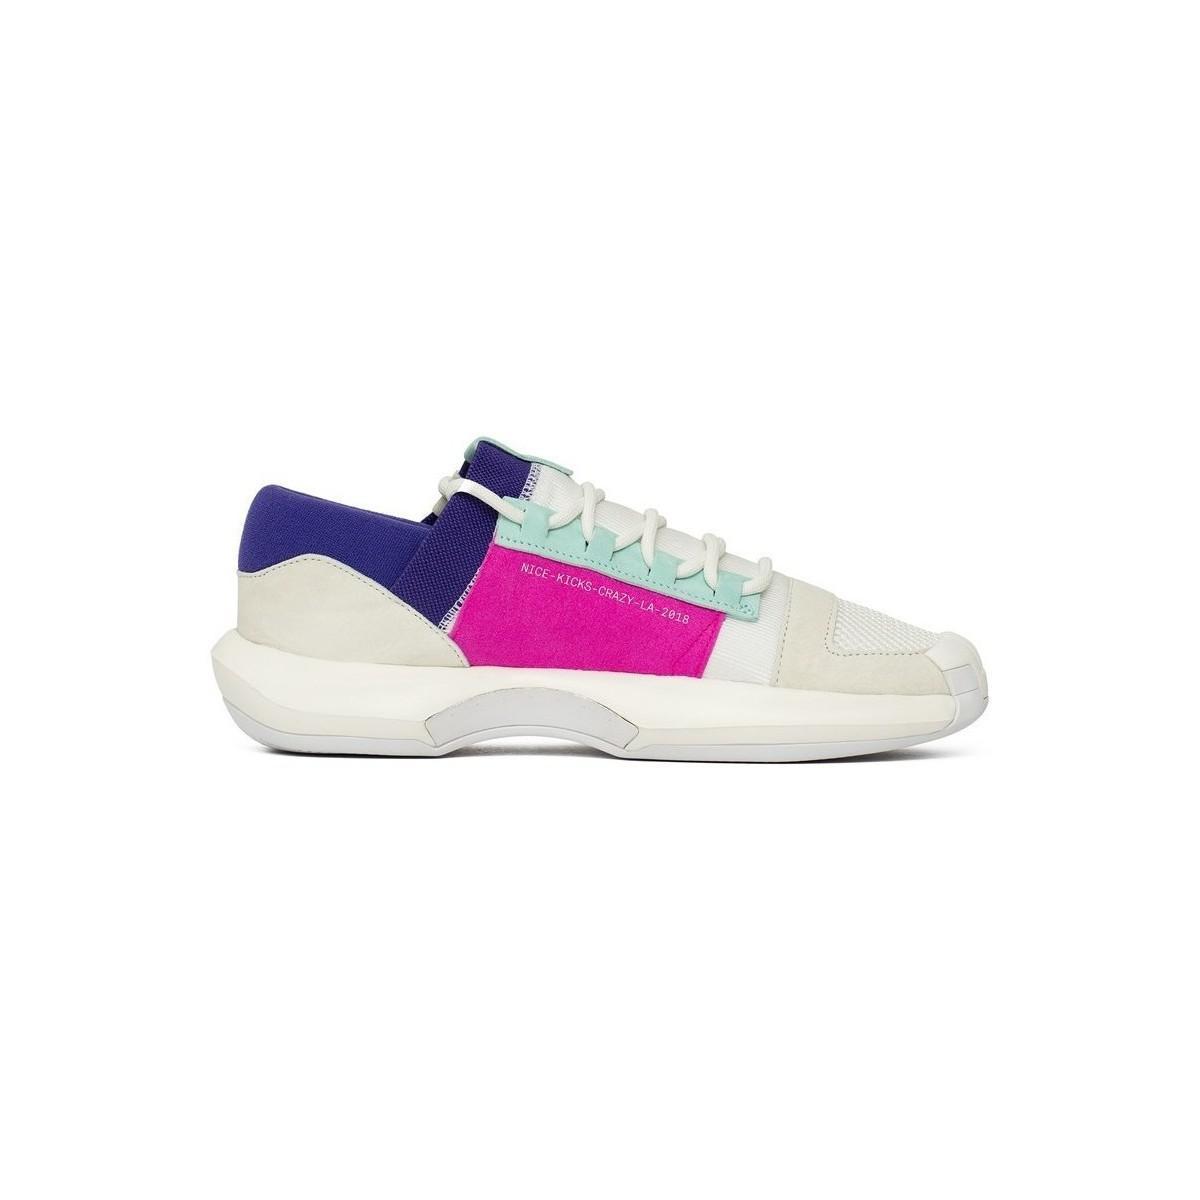 sports shoes 826c4 b7e39 adidas. Consortium X Nice Kicks Crazy 1 ...